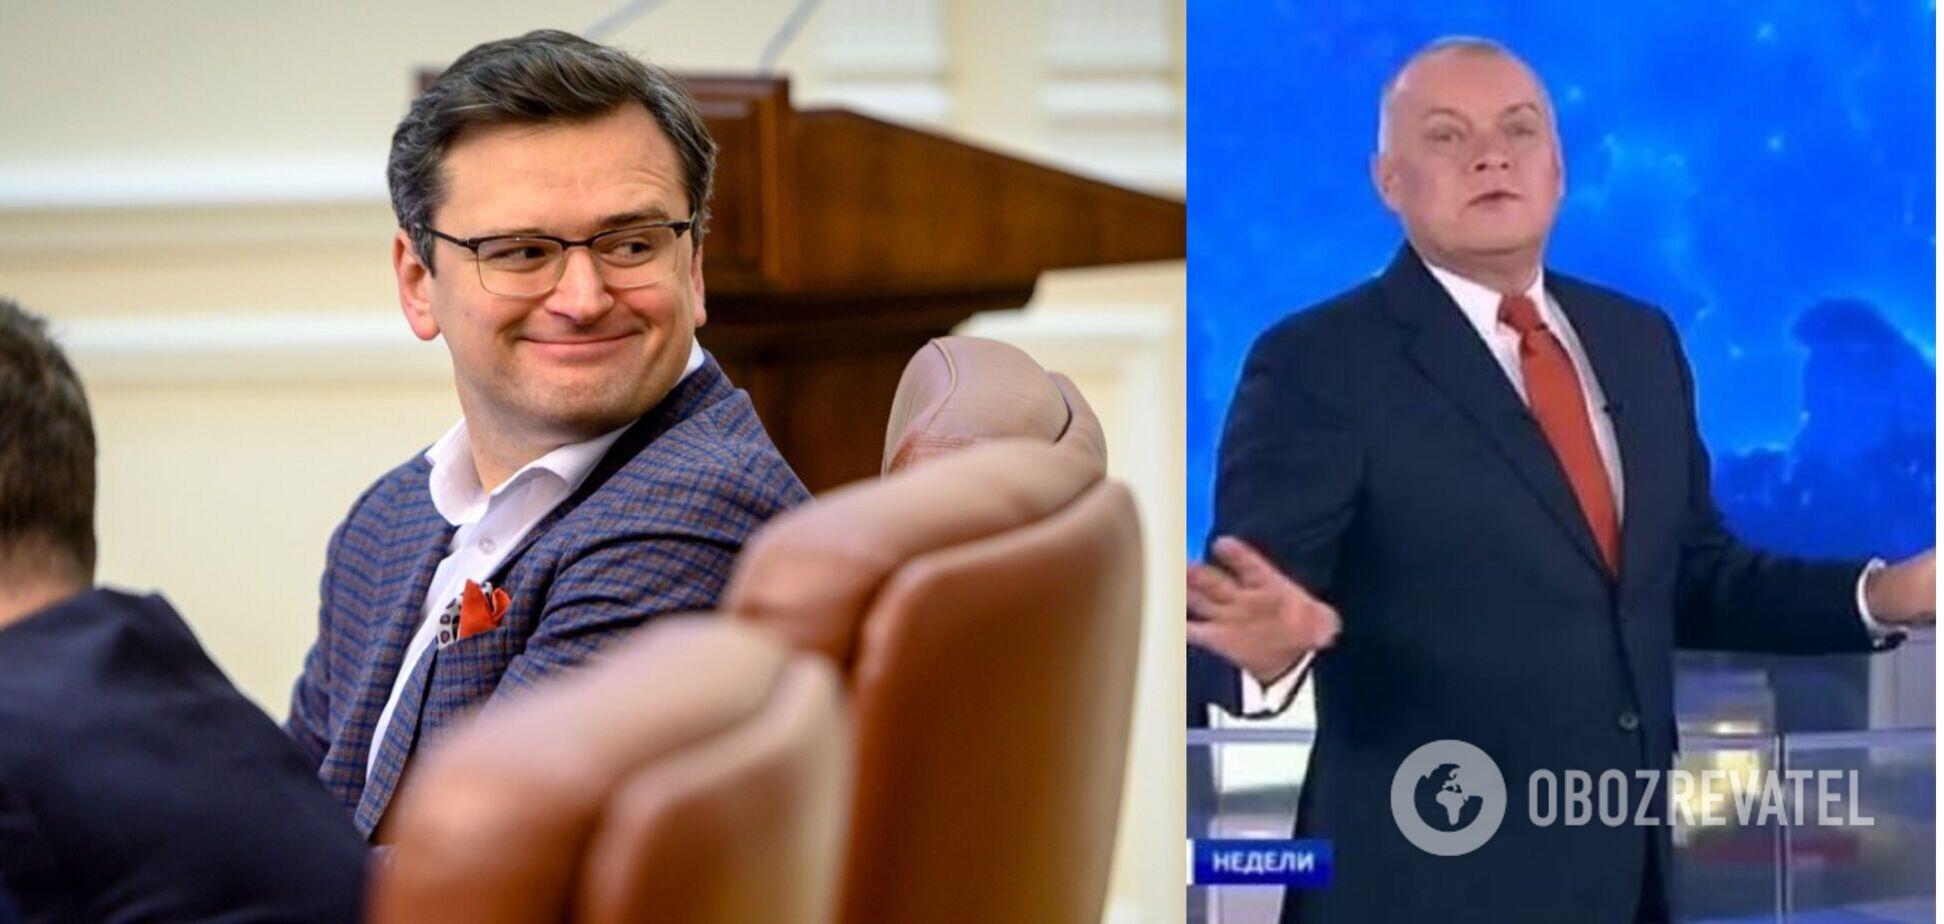 Кулеба в Вашингтоне отказался отвечать на вопрос российского журналиста. Видео